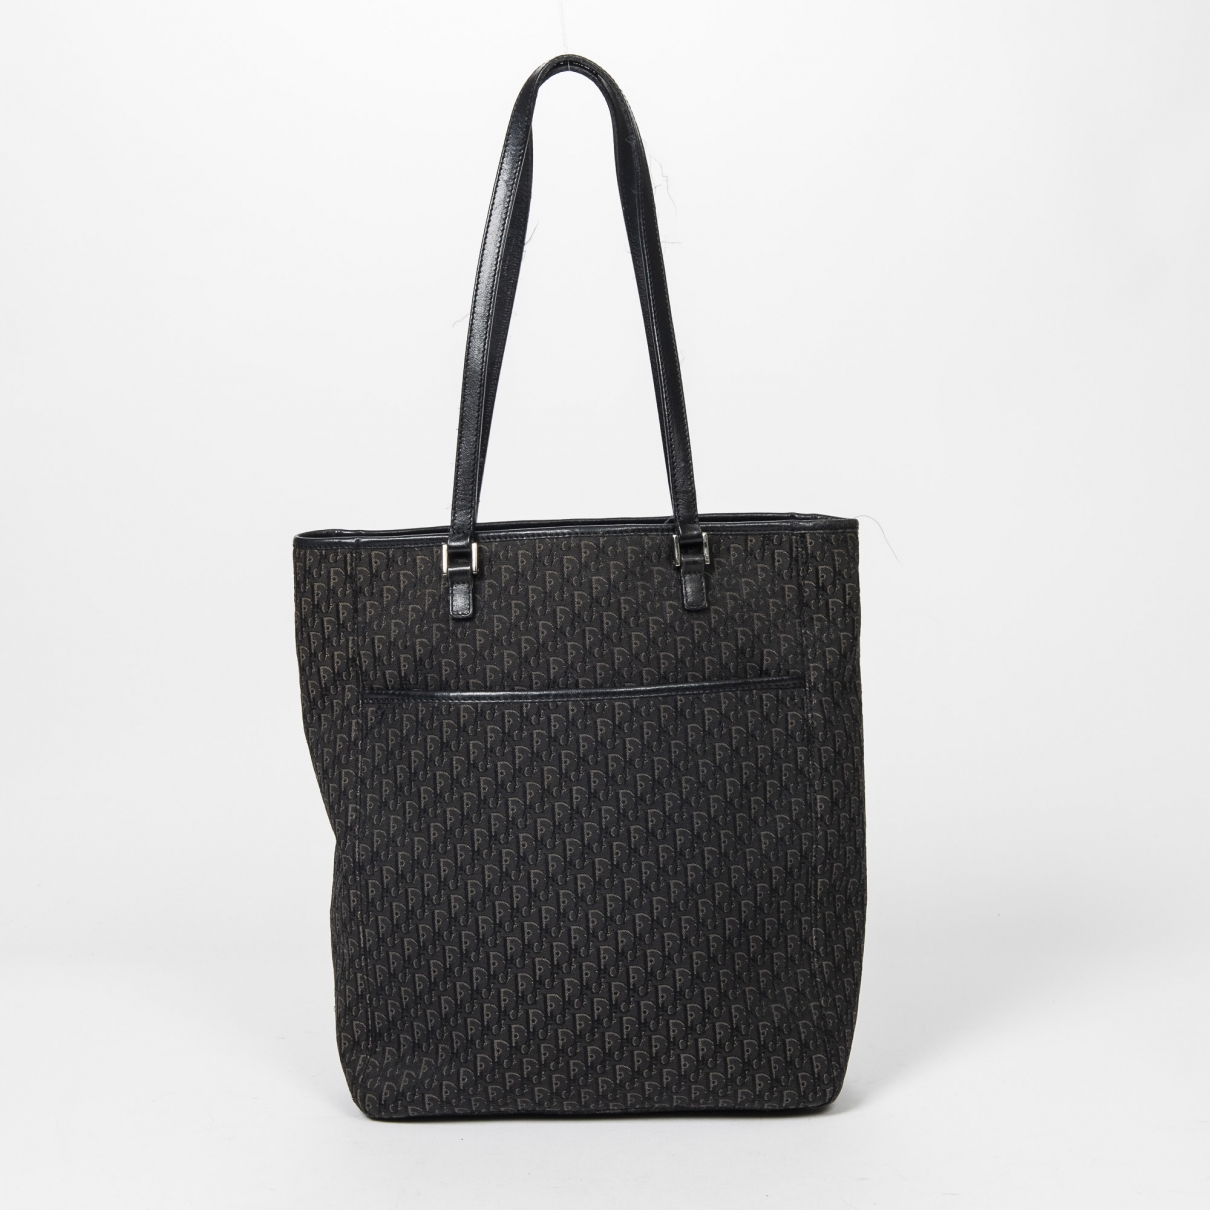 Dior - Sac a main   pour femme en coton - noir